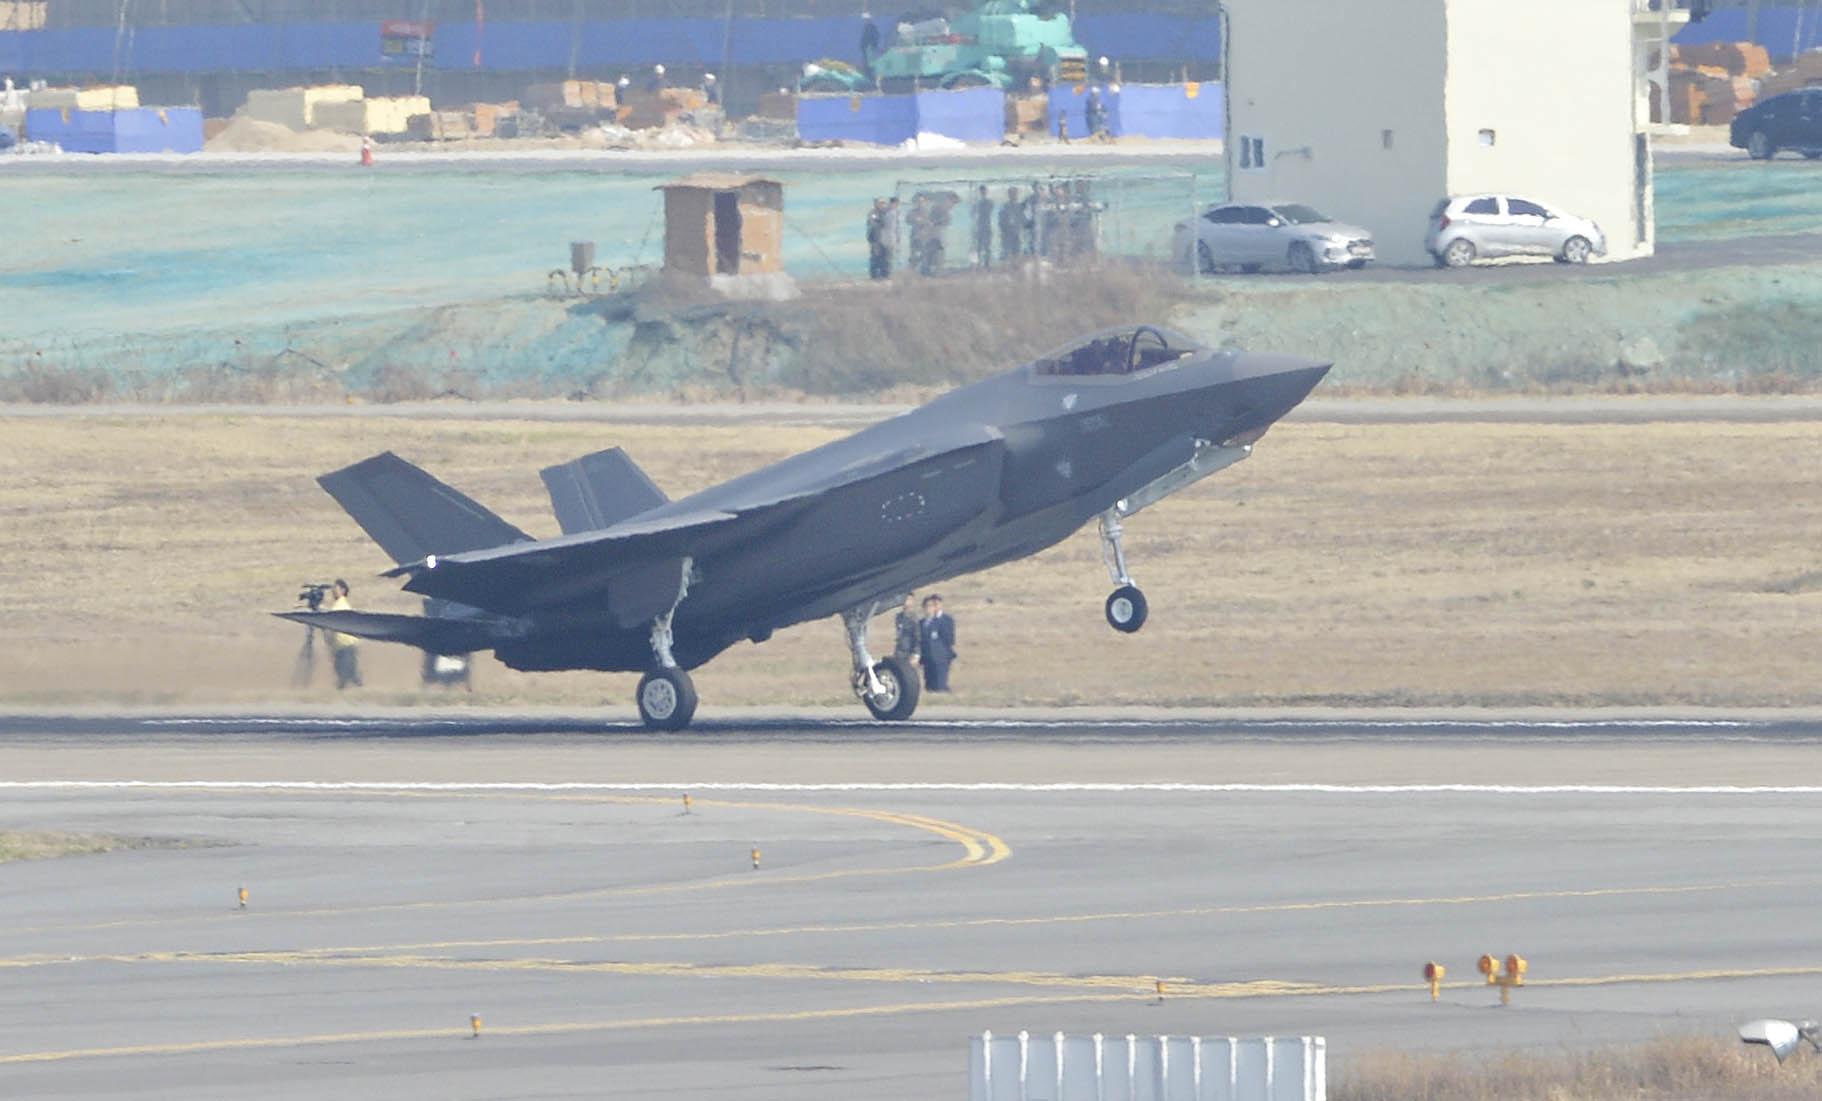 F-35A 스텔스 전투기가 청주 공군기지에 착륙하고 있다. 프리랜서 김성태